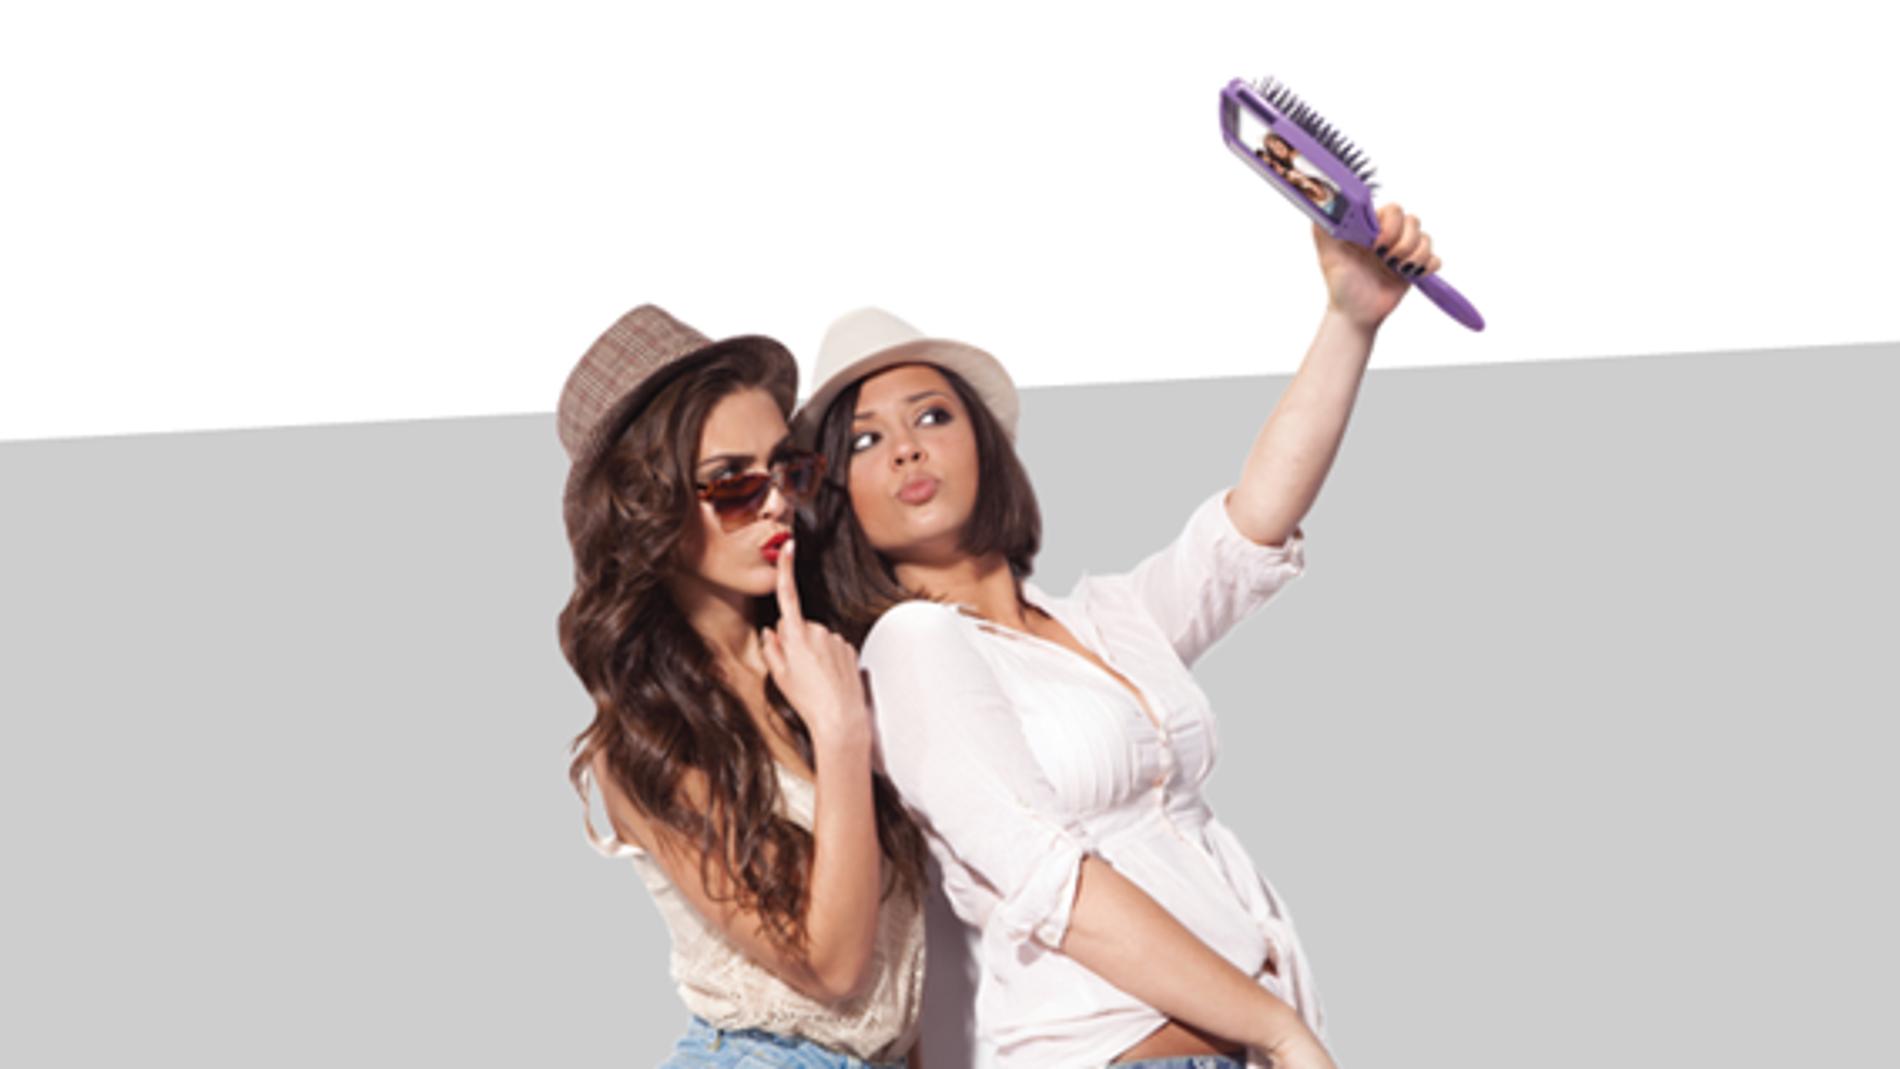 Un cepillo de pelo para selfies